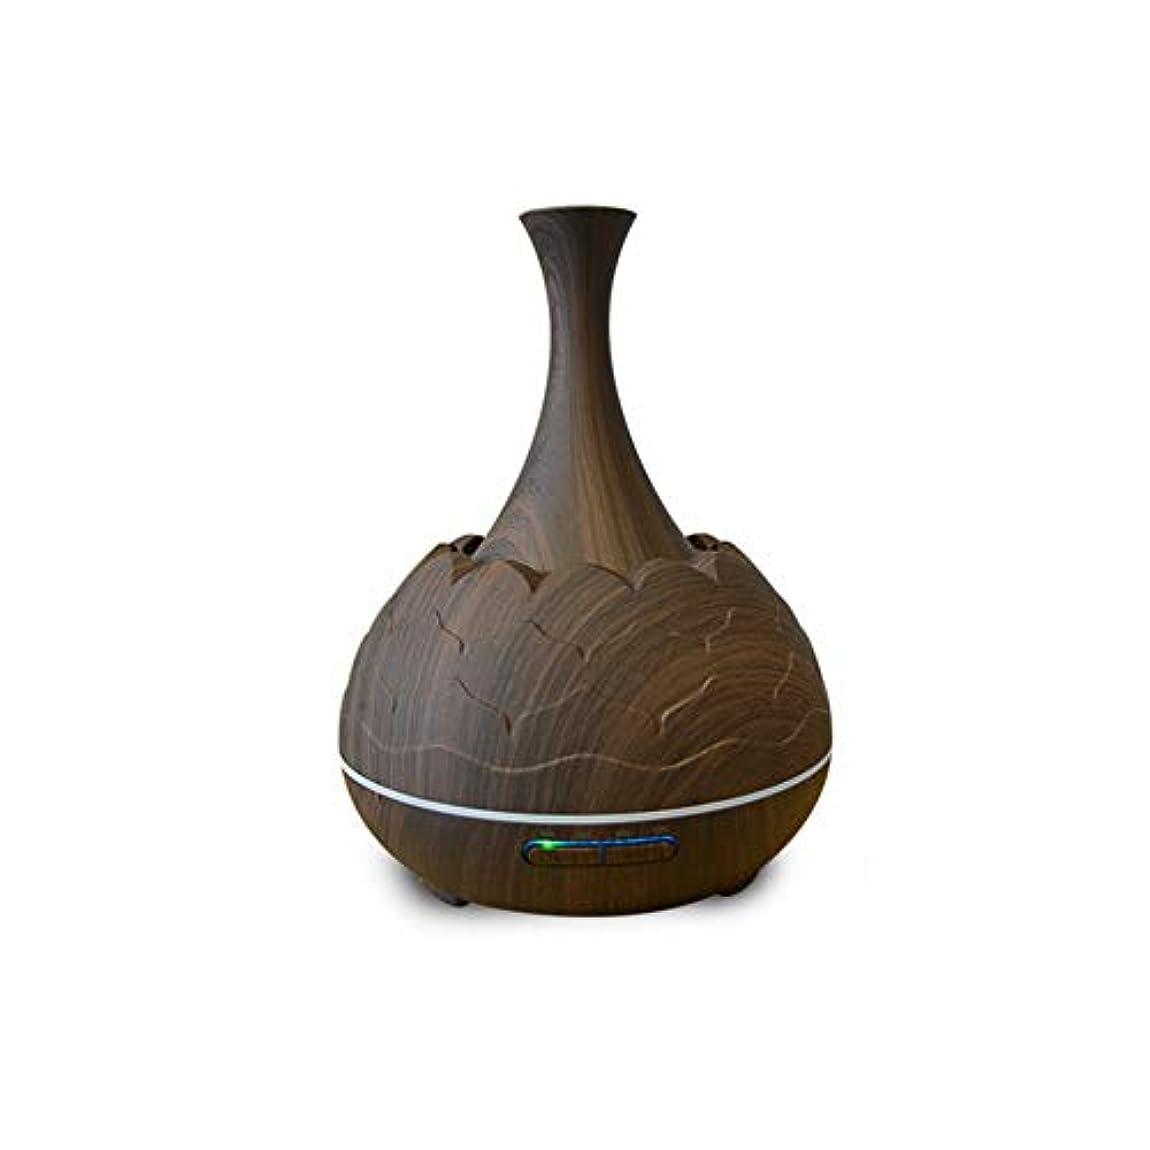 経済的開始ボーカル木目 霧 香り 精油 ディフューザー,7 色 空気を浄化 加湿器 時間 手動 Wifiアプリコントロール 加湿機 ホーム Yoga- 400ml